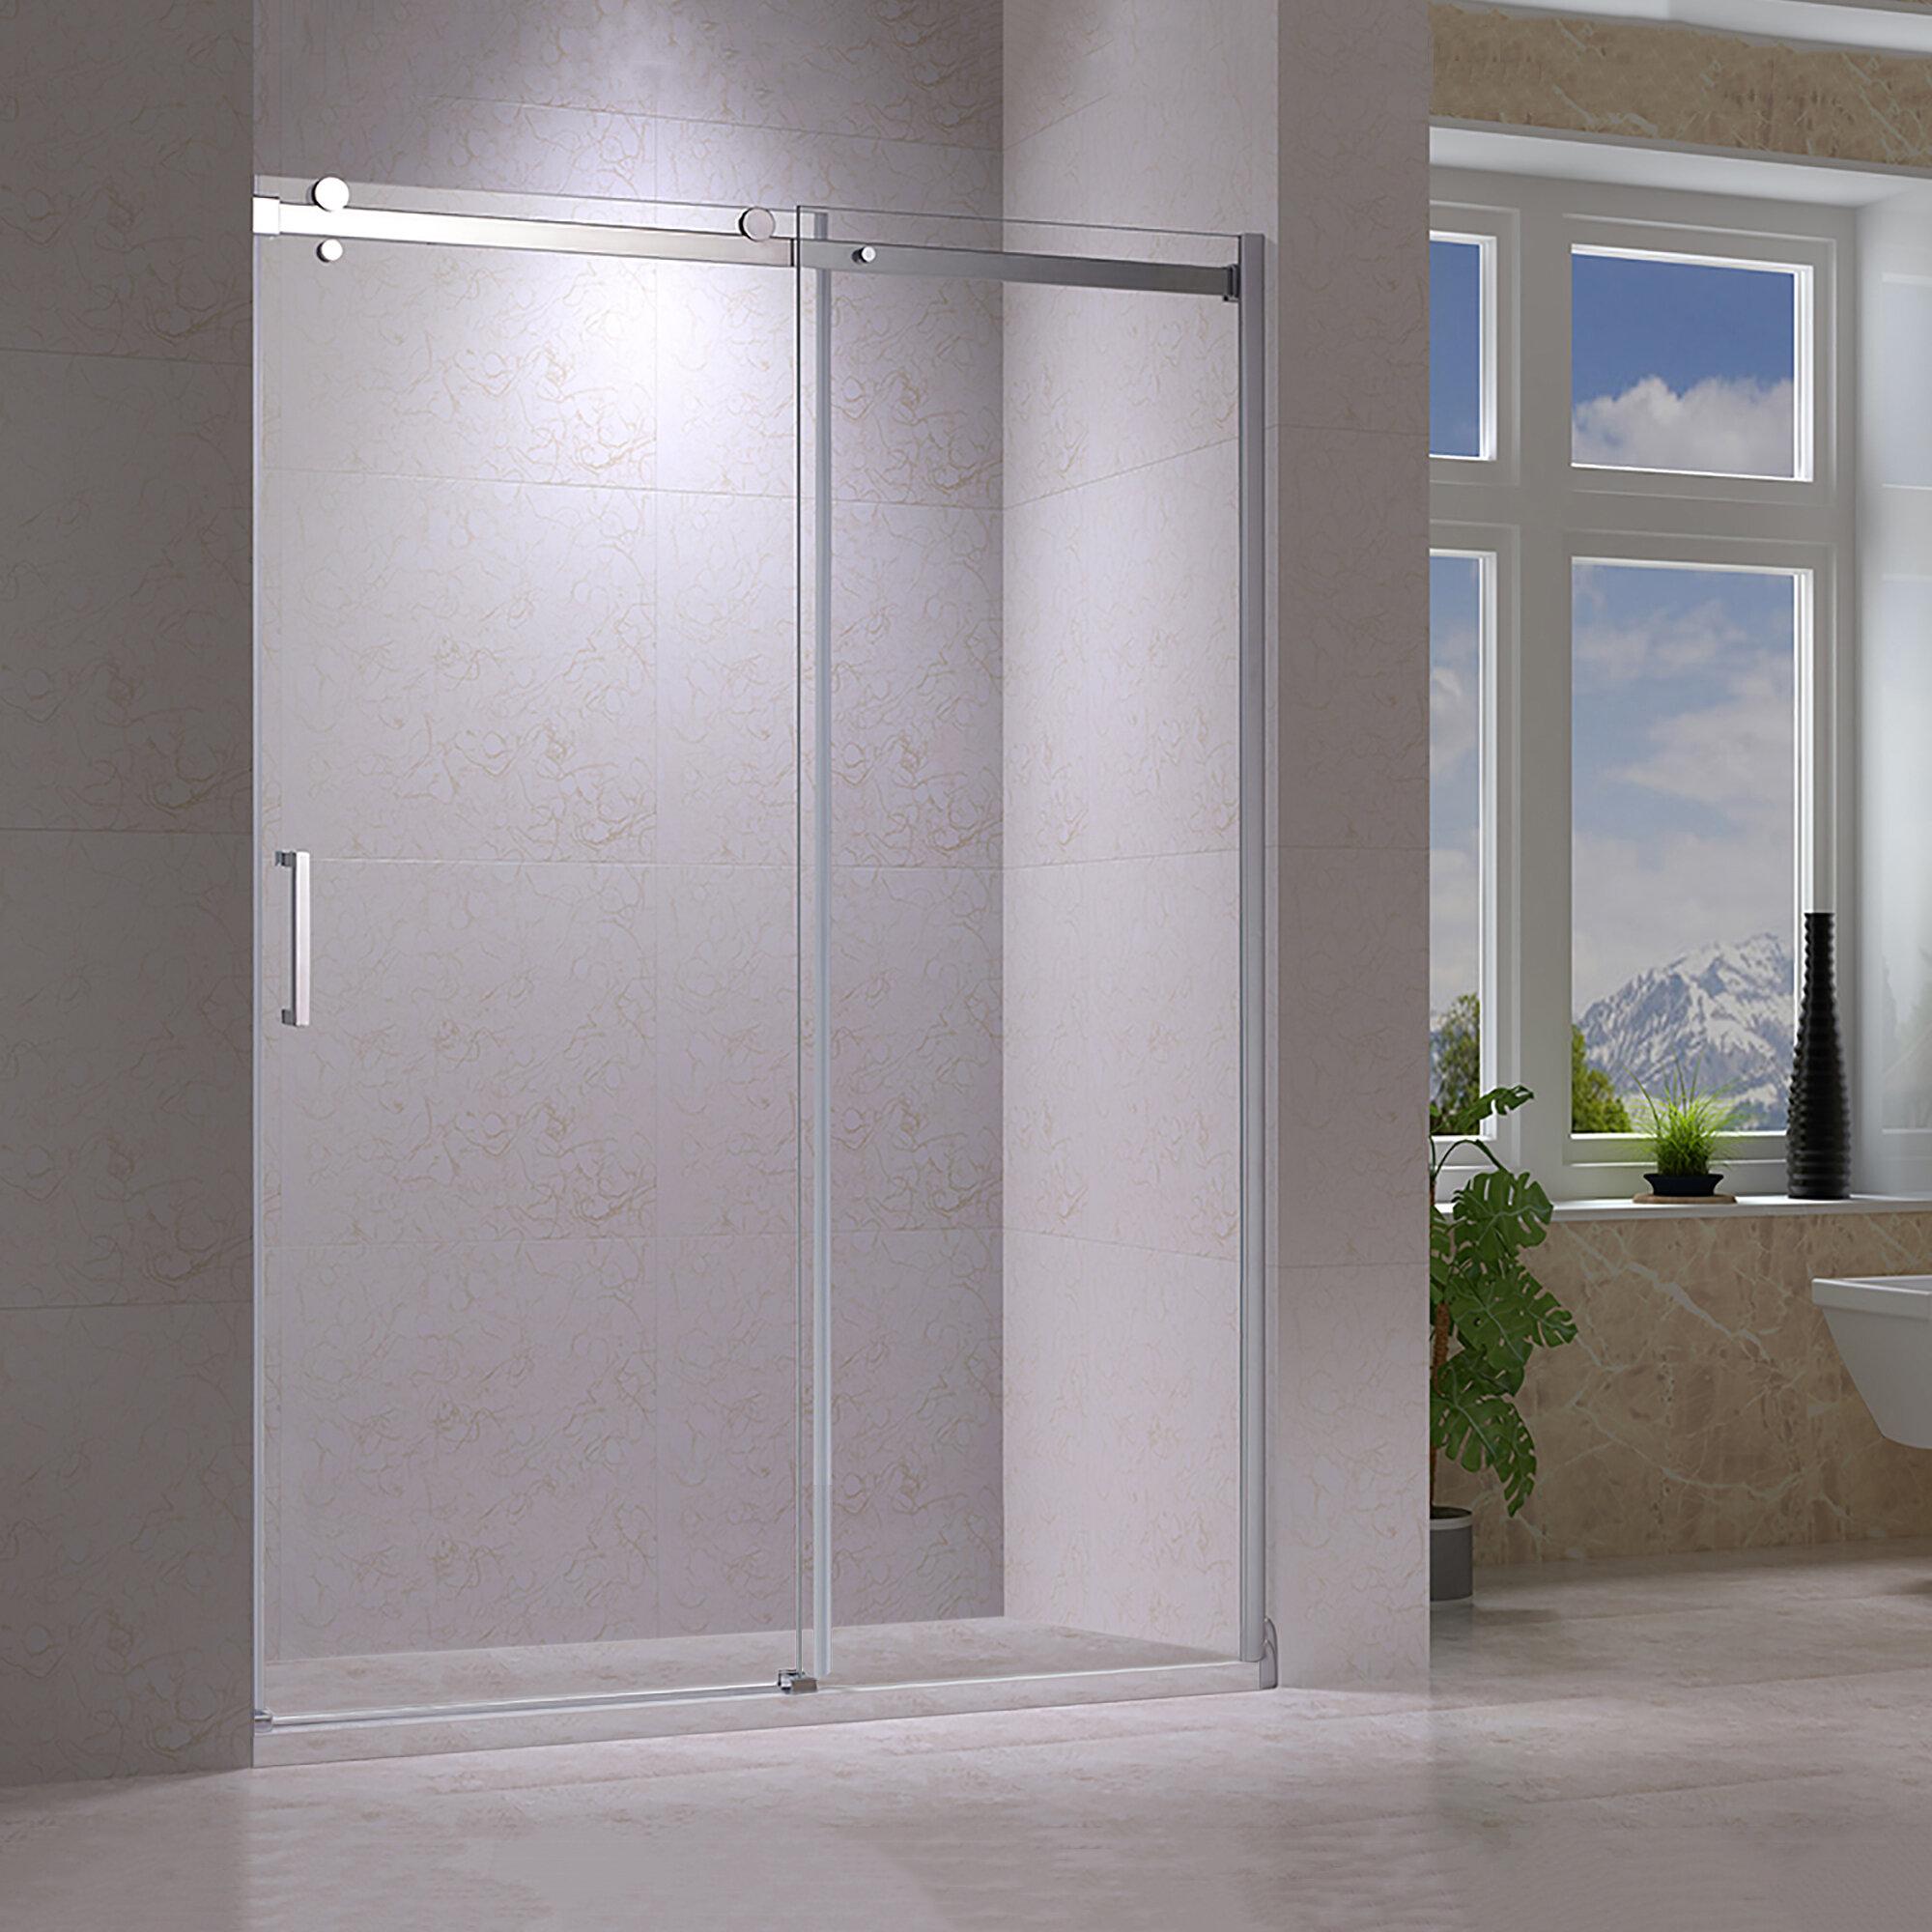 Eva I 58 25 X 78 75 Single Sliding Semi Frameless Shower Door